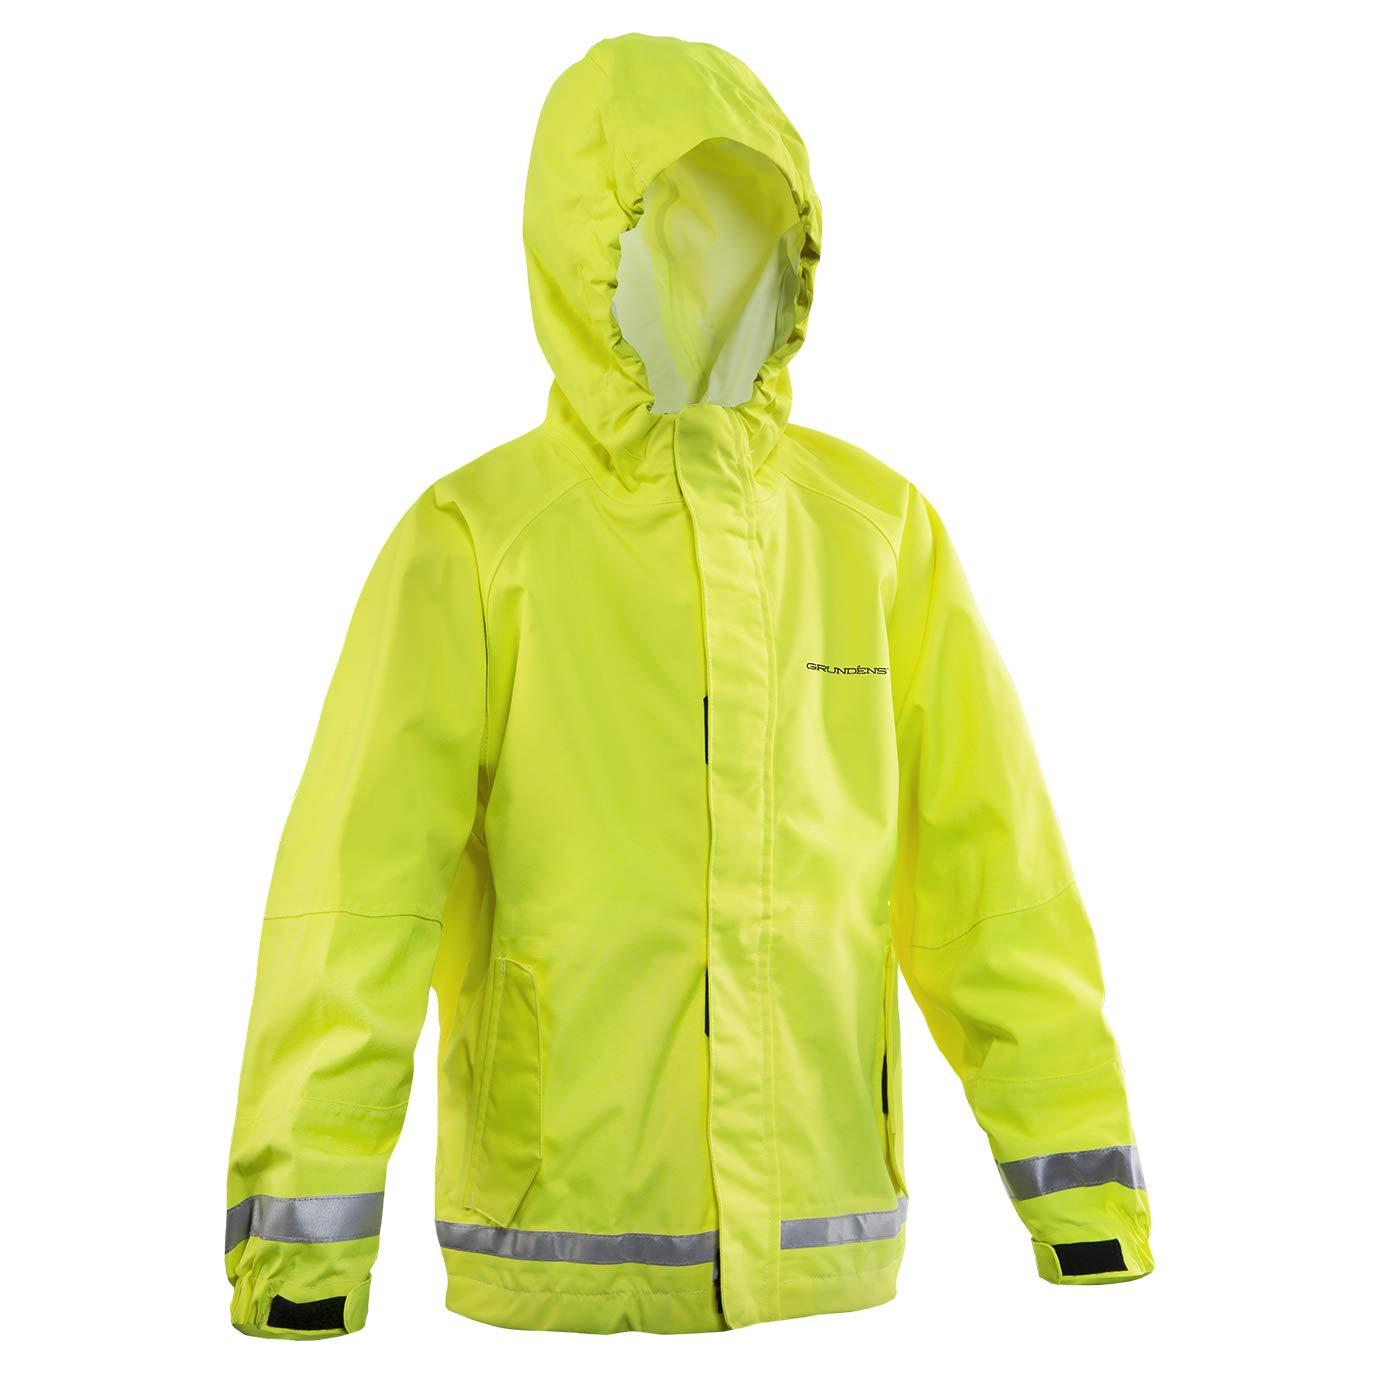 Grundens Gage Kids Waterproof Breathable Hooded Jacket, Hi-Vis Yellow, 16 yr